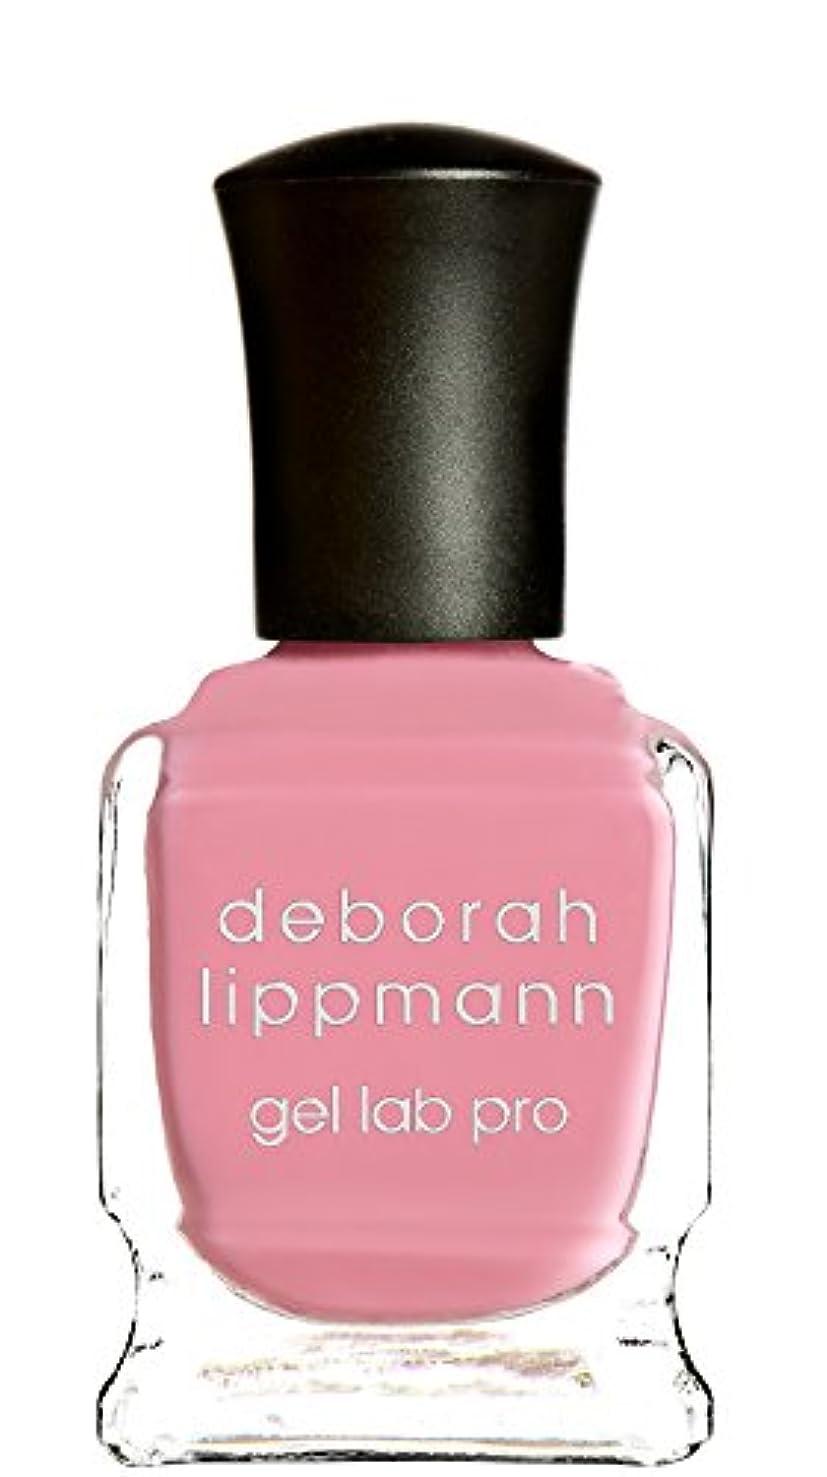 マットレスロック結果として[Deborah Lippmann] デボラリップマン ポリッシュ ピンク系 15mL (ビューティースクール ドロップアウト)